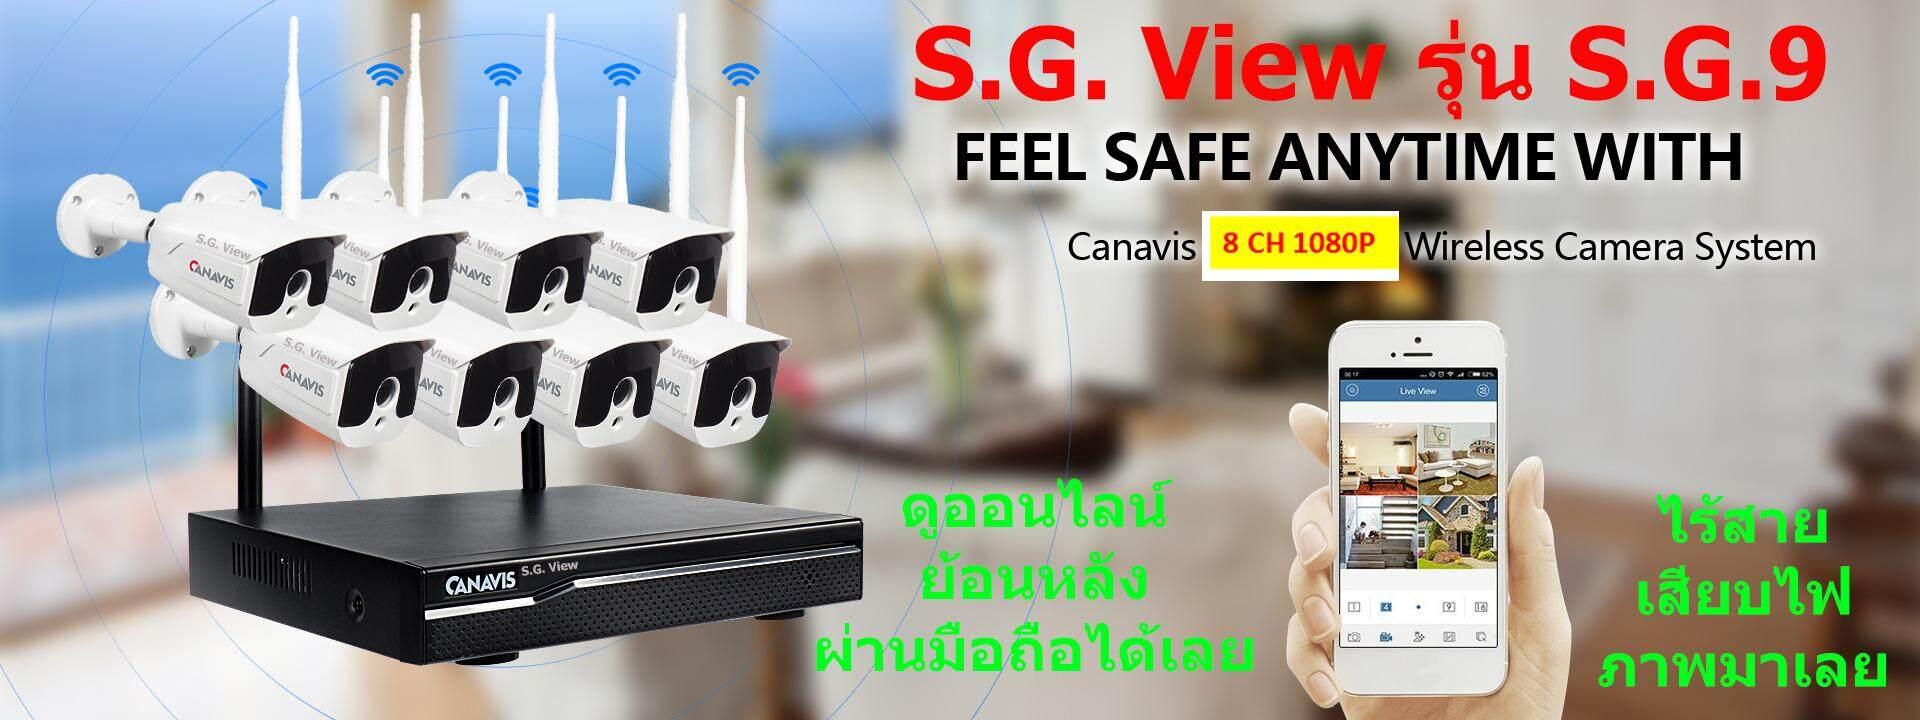 เก็บเงินปลายทางได้ !! เห็นภาพจริง ก่อนซื้อ!! !!S.G. VIEW !! ส่งเร็ว kerry ของดี ราคาโดน กล้องชุดไร้สาย เสียบปลั๊กอย่างเดียว 8 ตัว IP Wifi CCTV Kit Set 8 Bullet Cameras 2.0 MP TOP New SensorChip HD 108